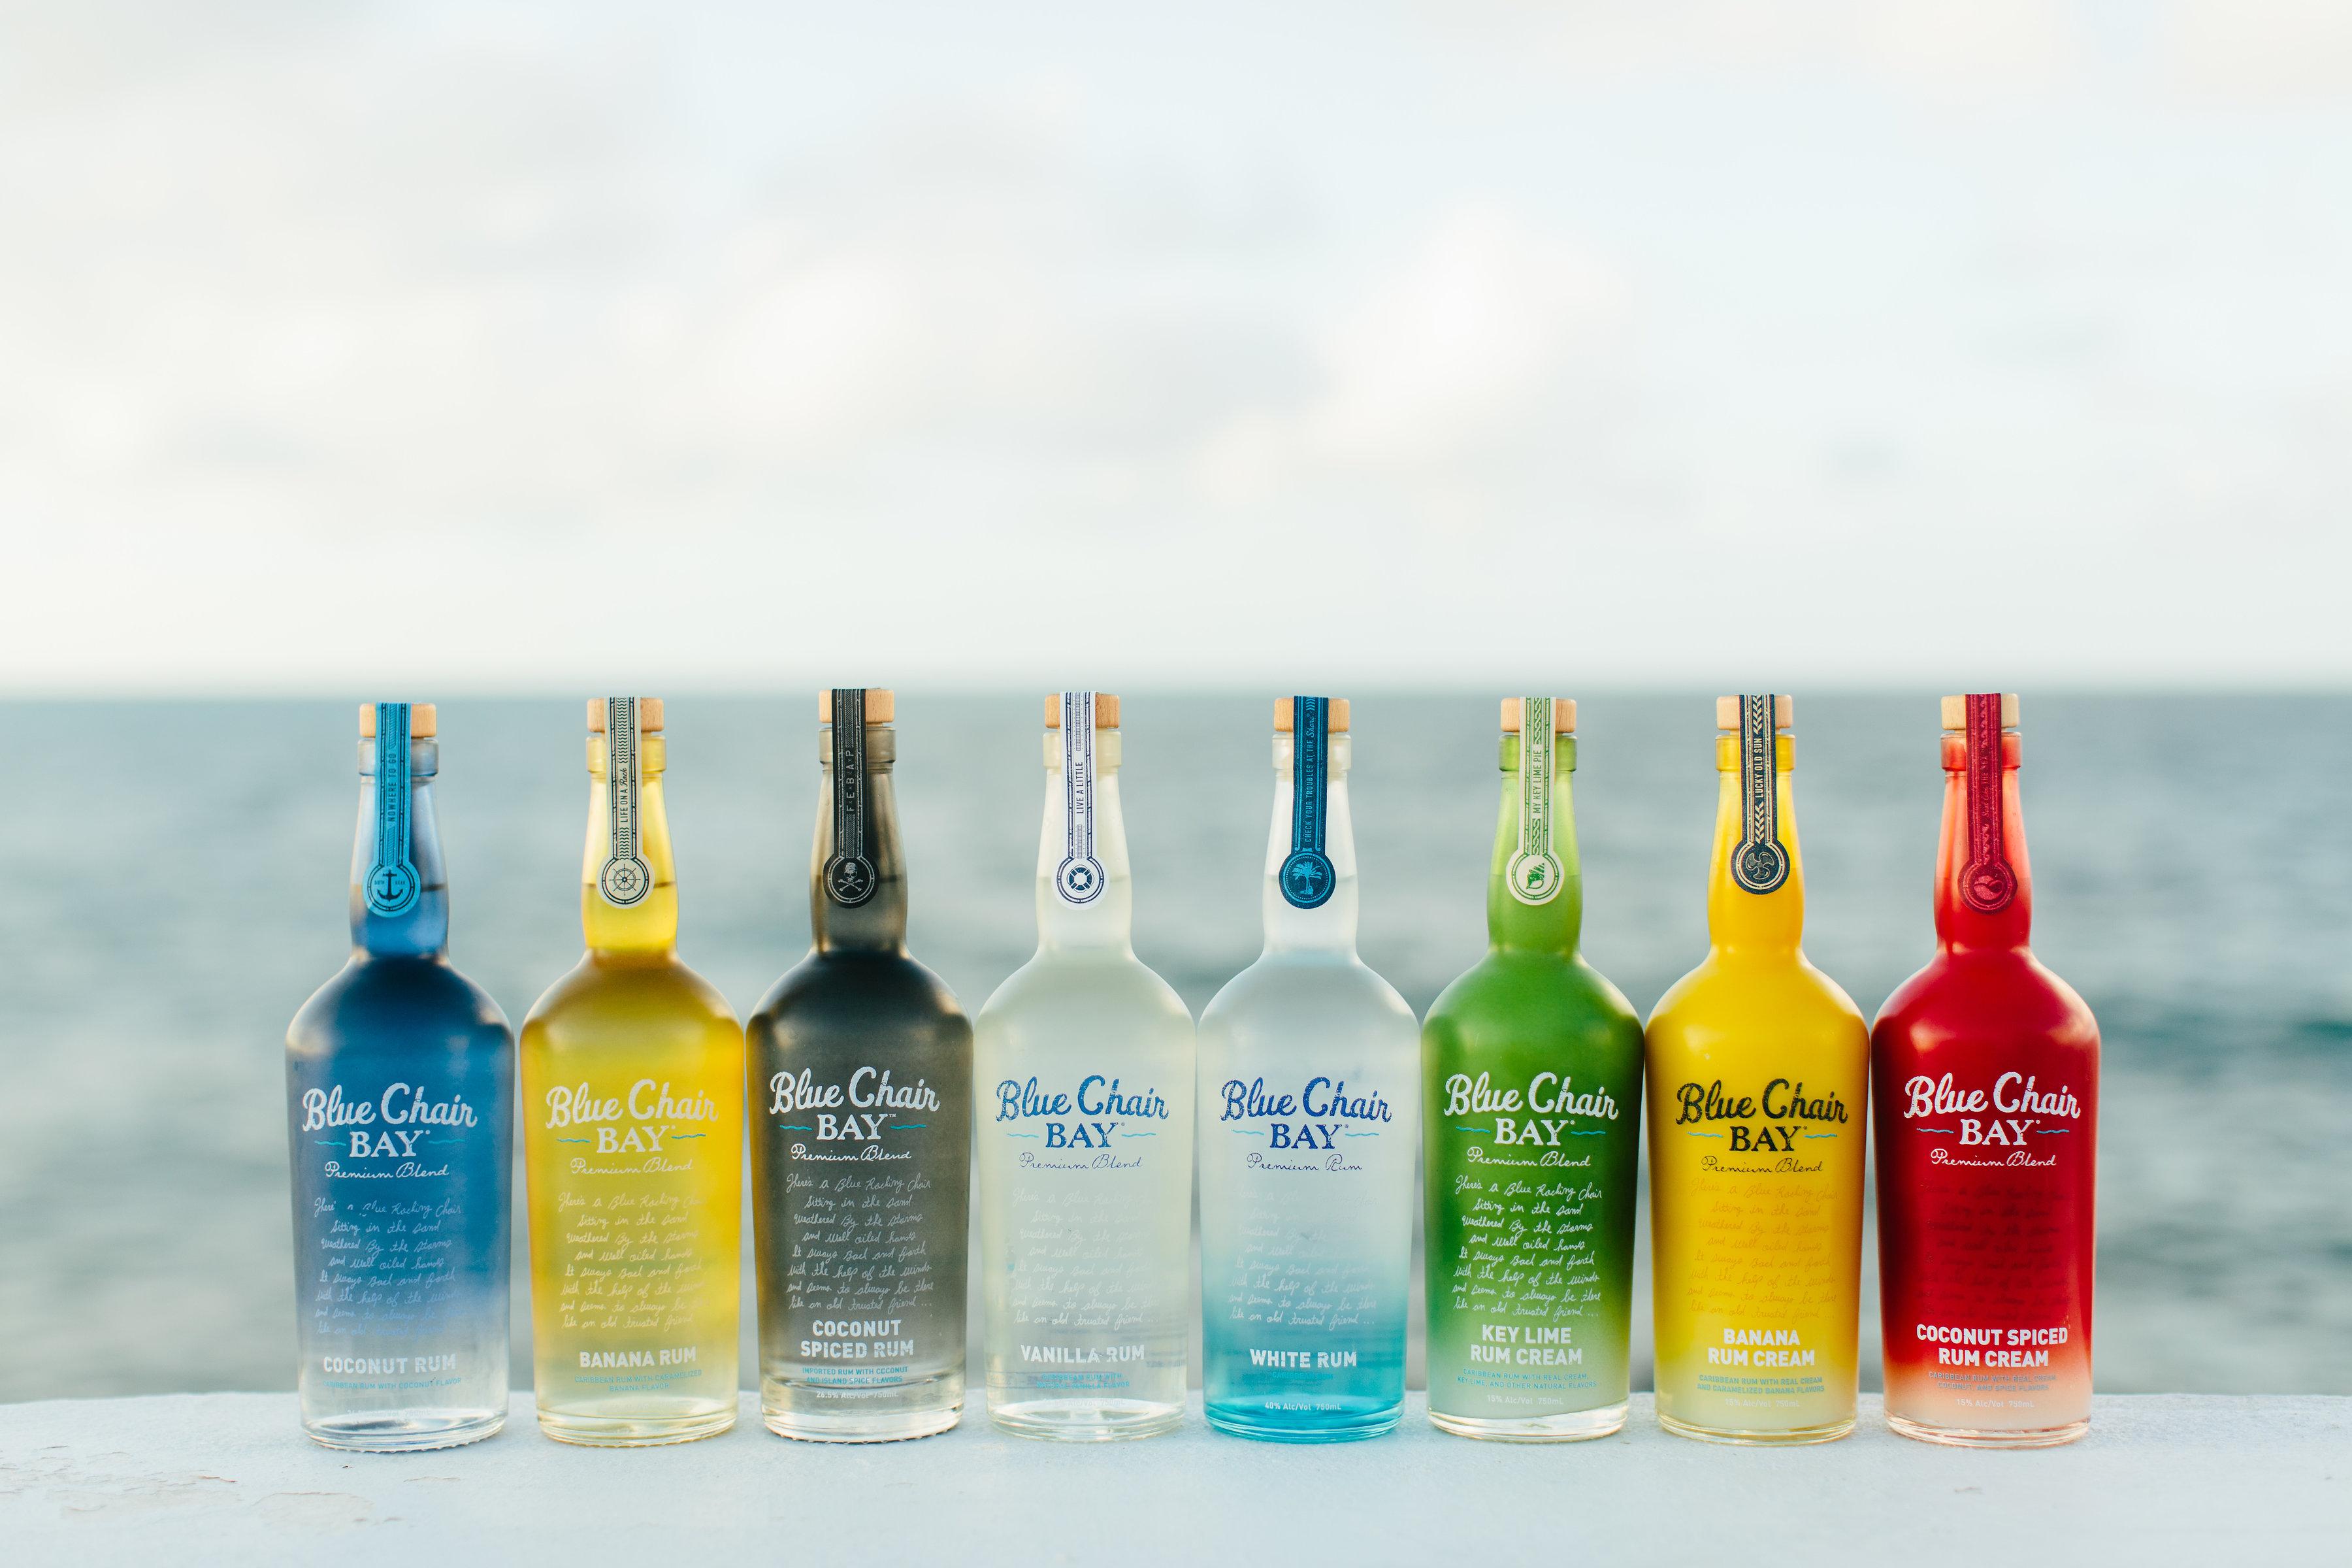 blue chair rum rental columbus ohio bay on drinkwire